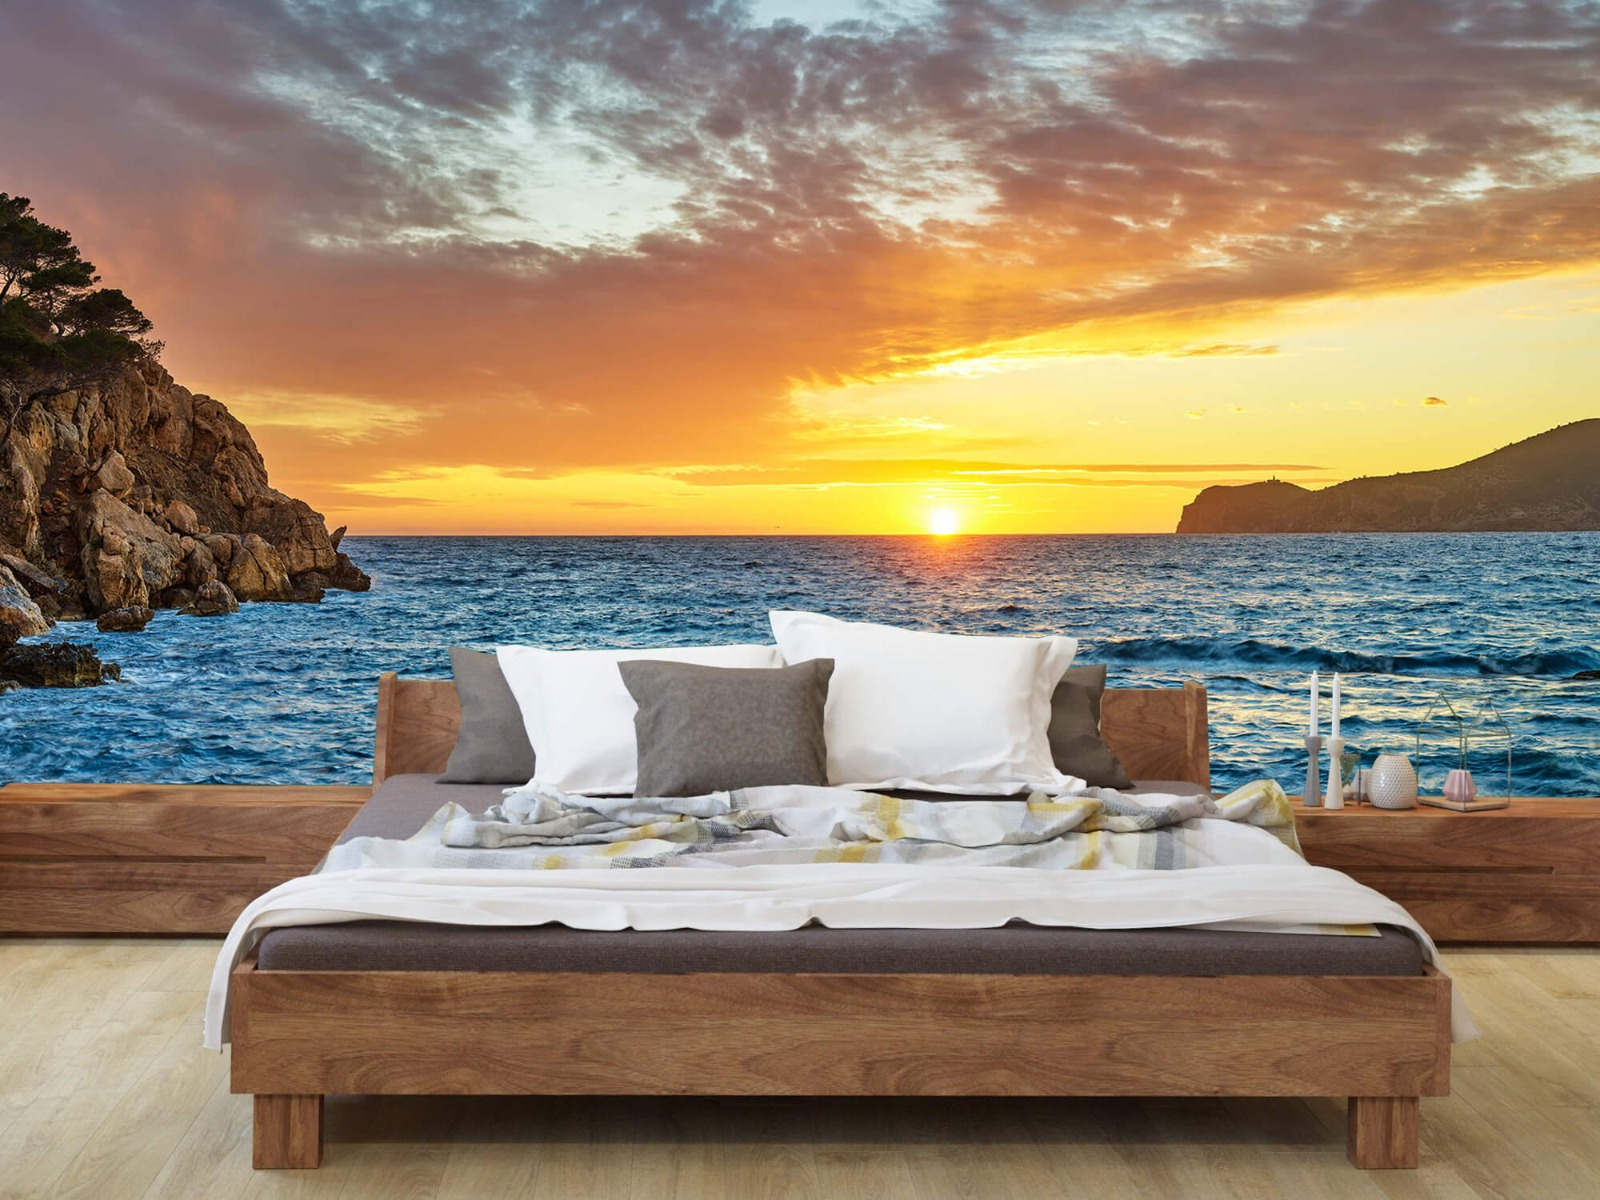 Zon - Zonsondergang op een eiland - Slaapkamer 8